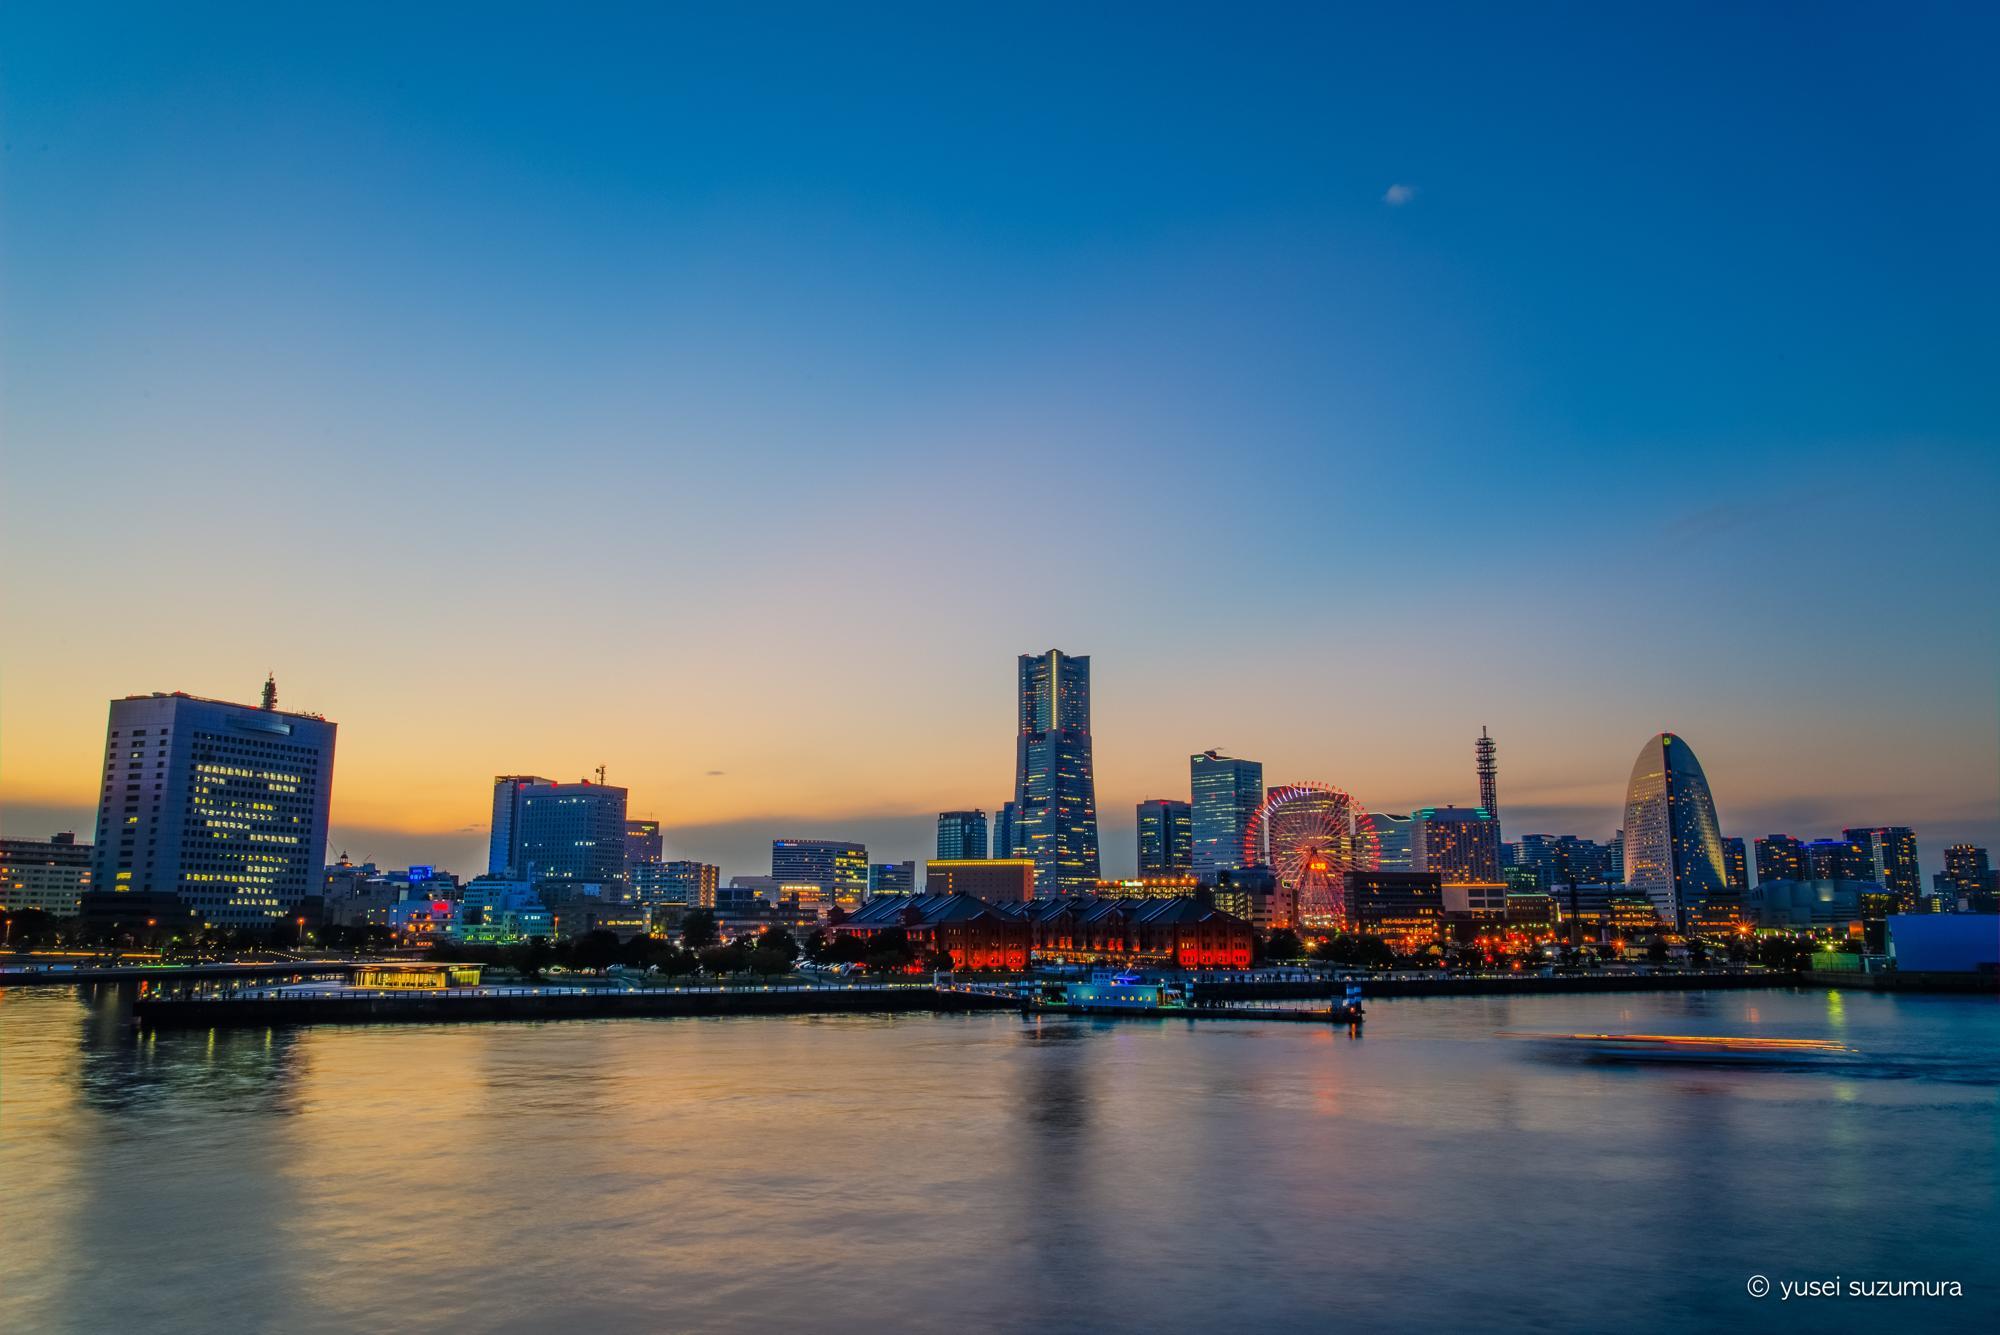 横浜港大さん橋国際客船ターミナルからの写真 夕方